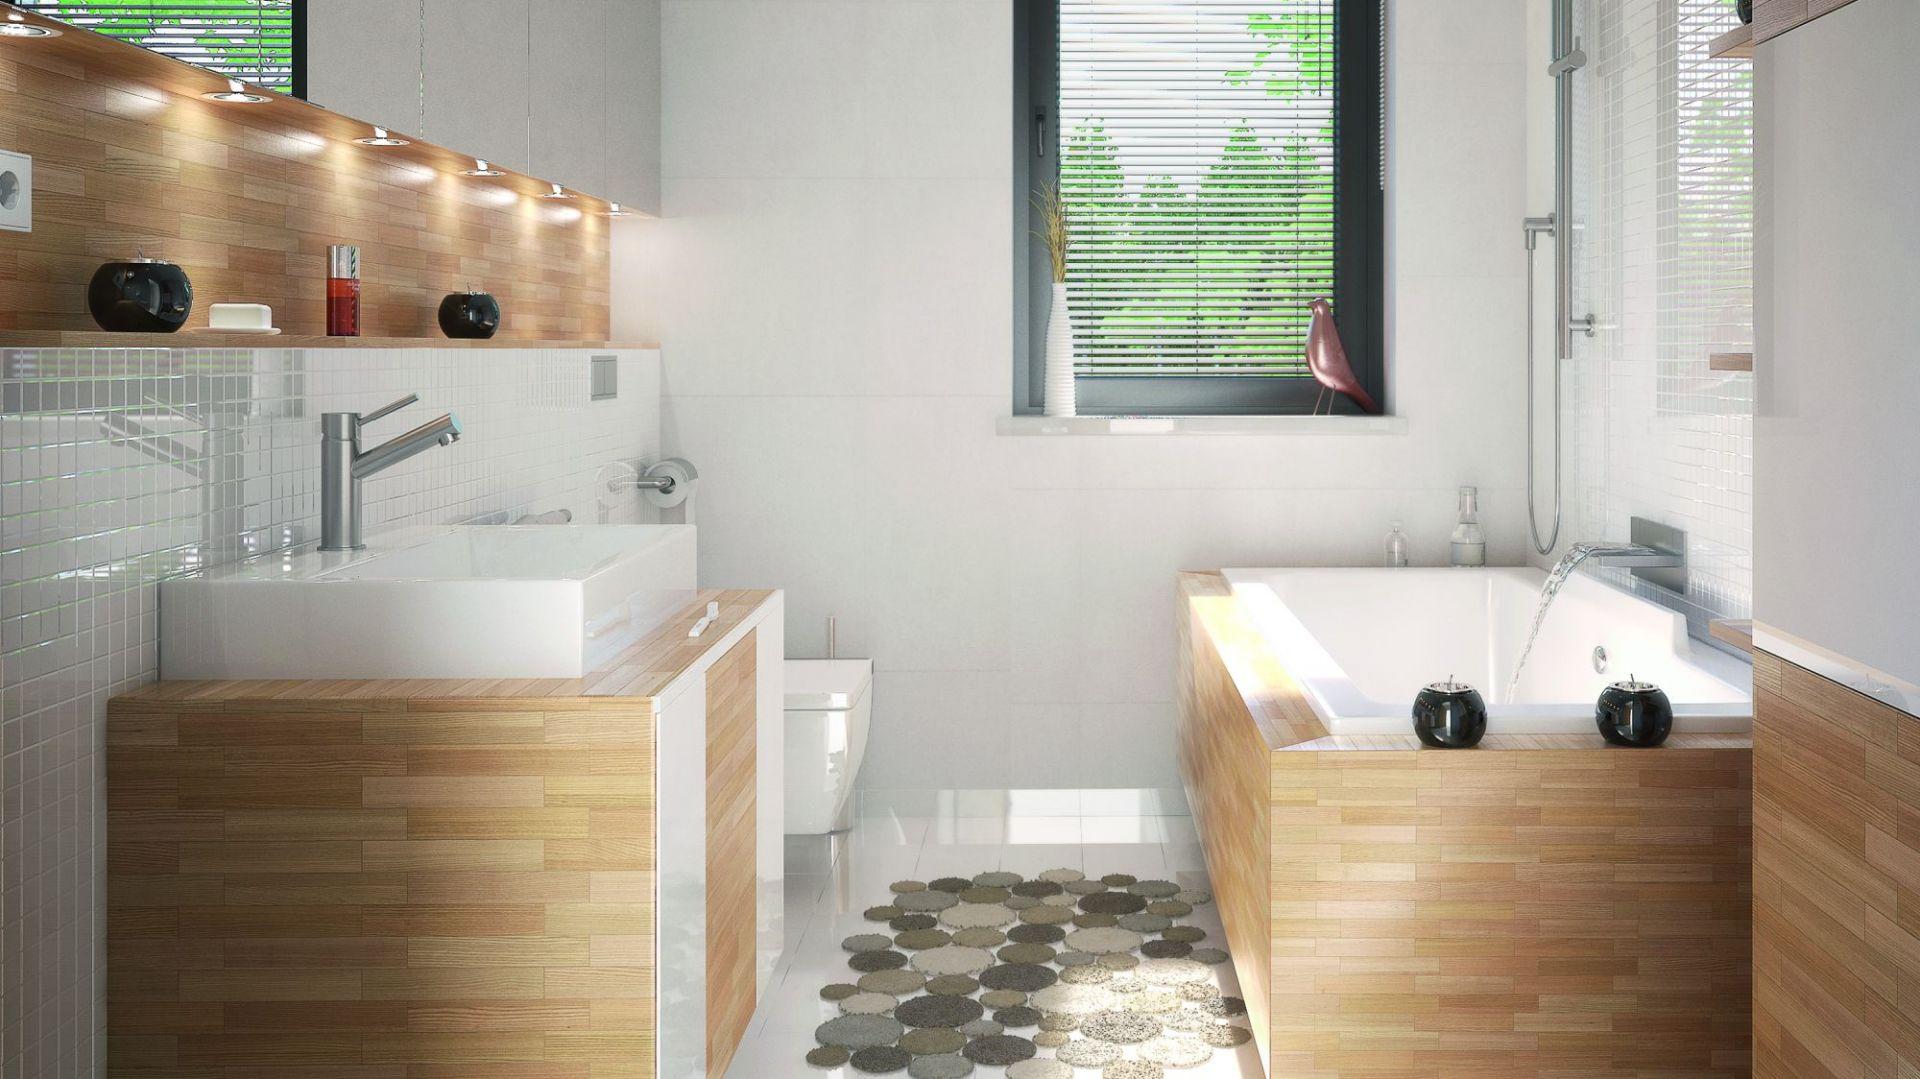 W łazience dominuje biel i drewno, co sprawia, że wnętrze jest przestronne i estetyczne. Dom Umbra. Projekt: arch. Maciej Matłowski. Fot. Domy w Stylu